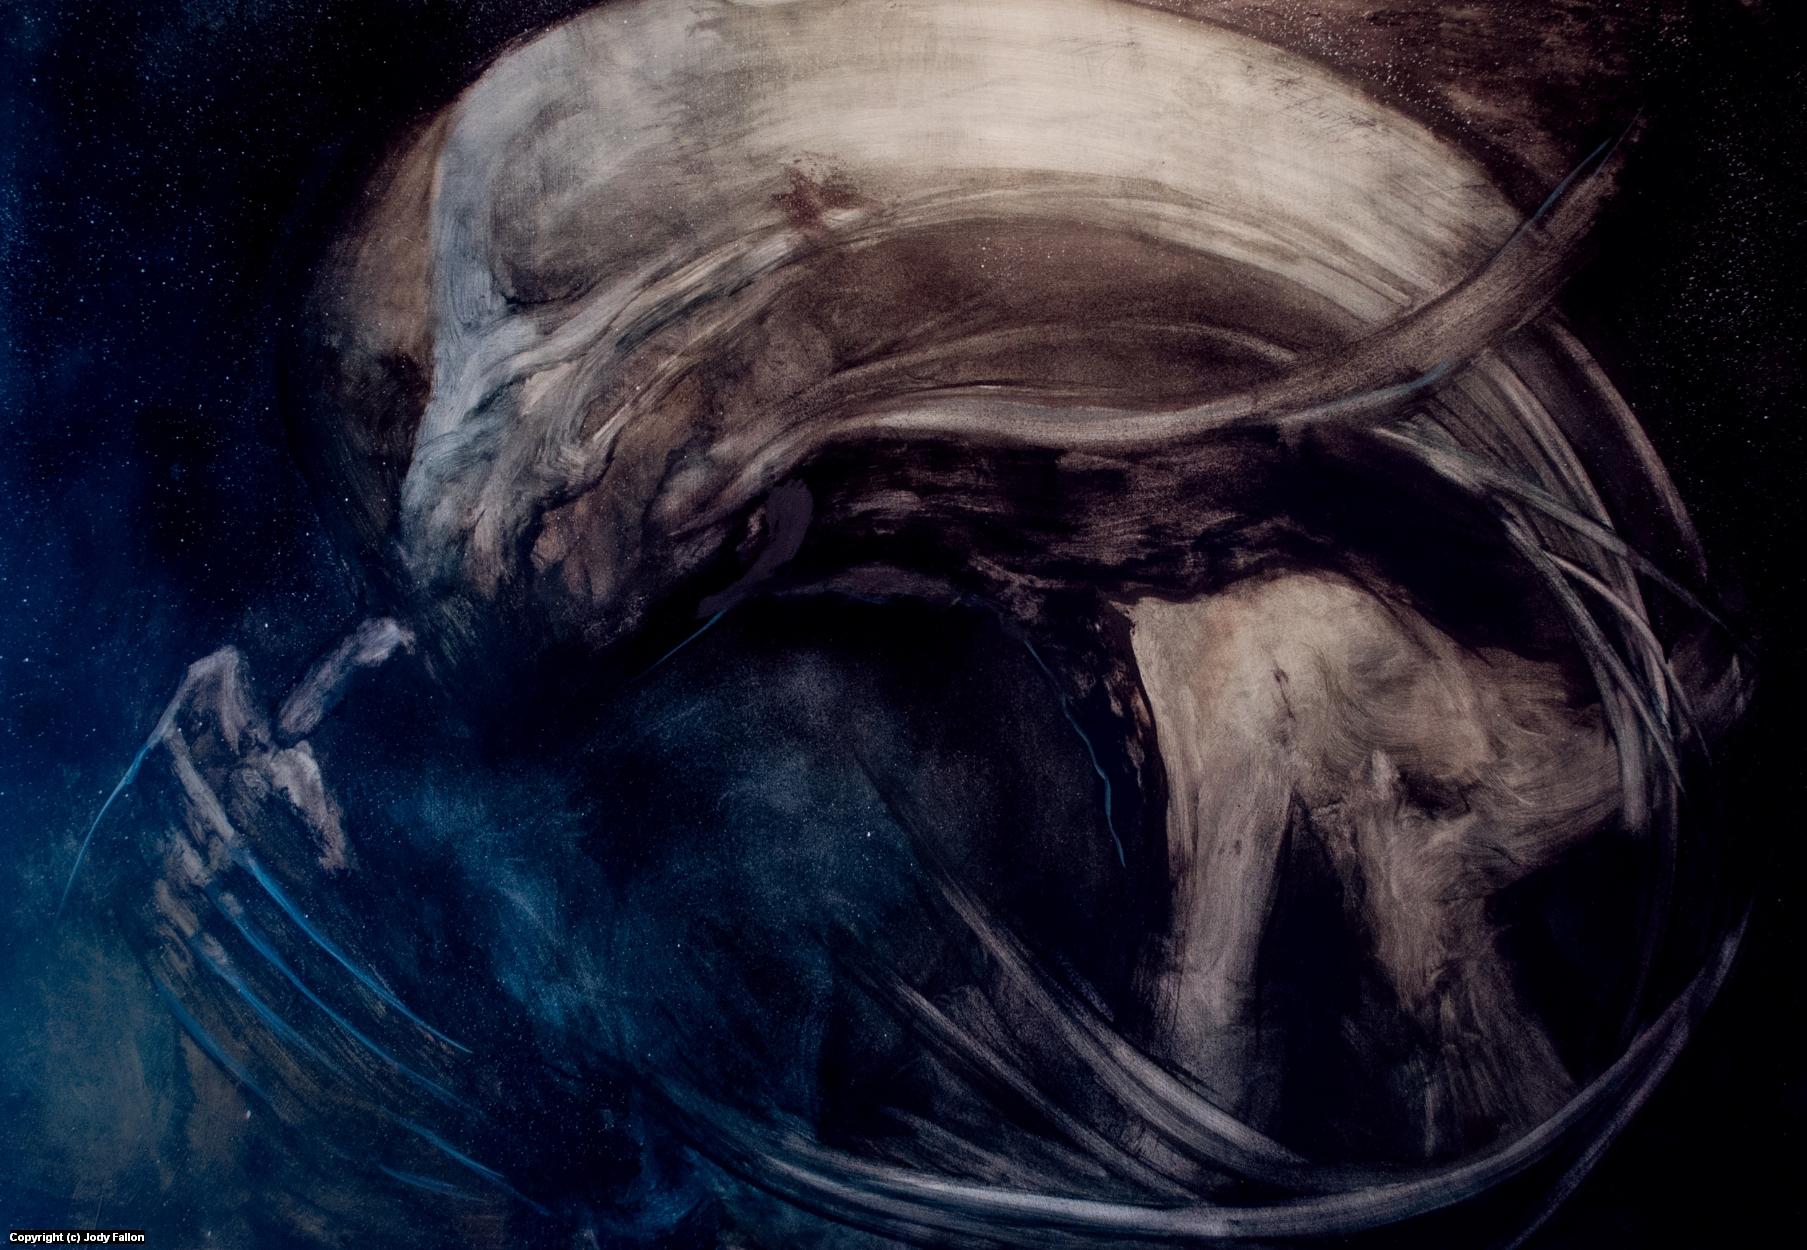 Alien Artwork by Jody Fallon